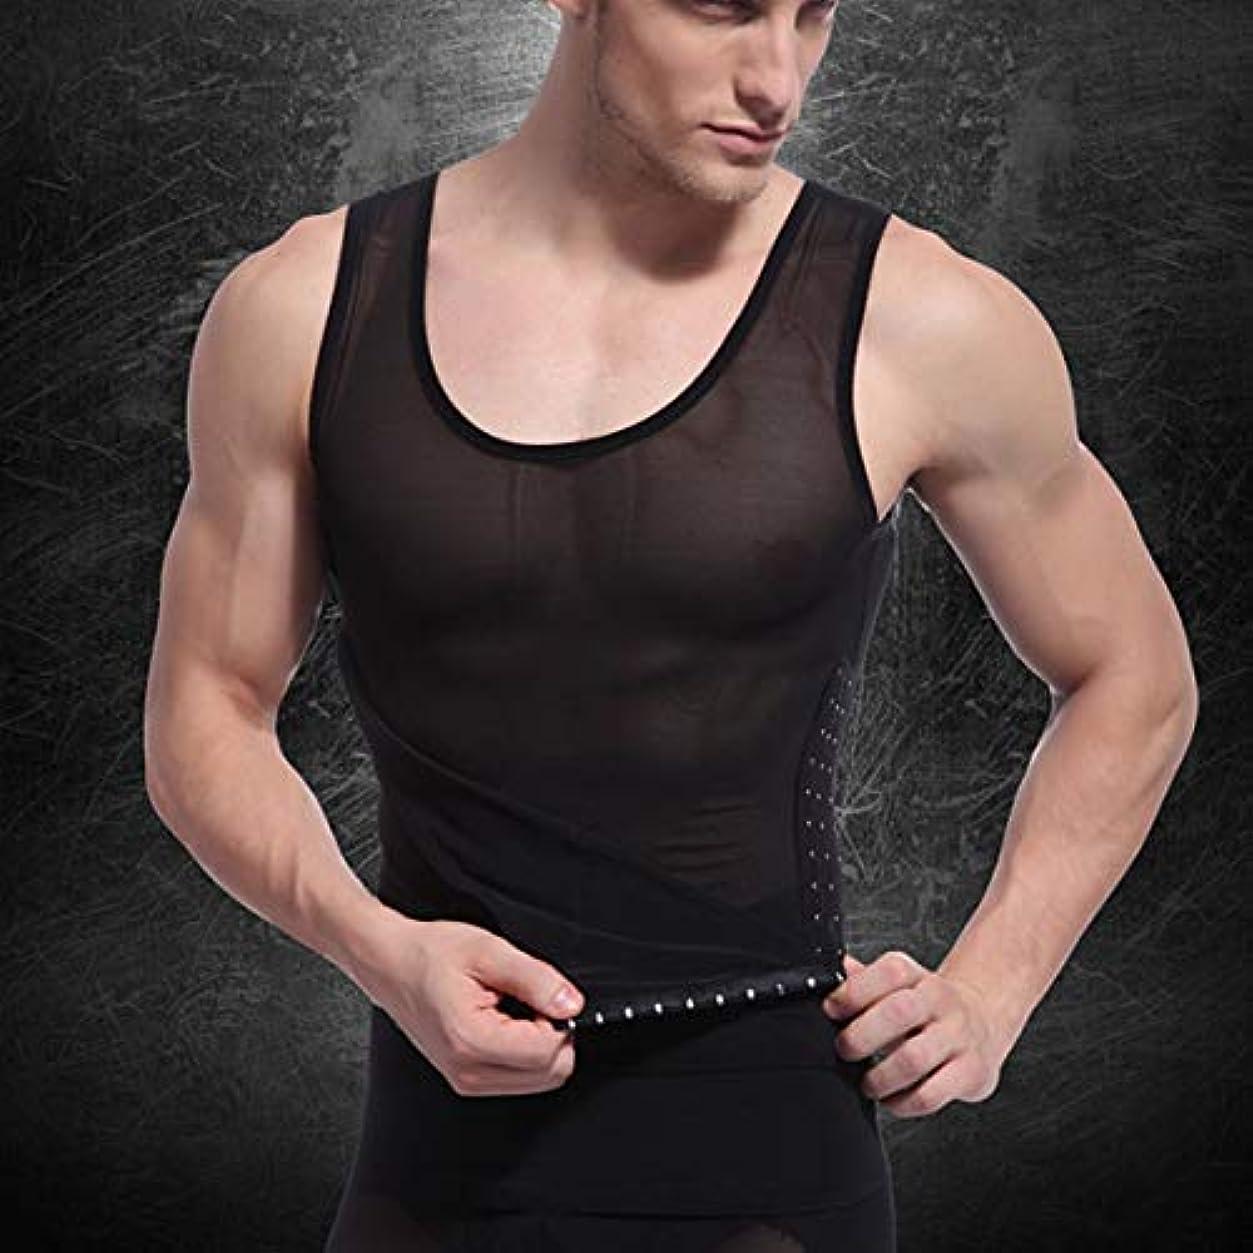 ガラガラドメインリングバックIntercoreyボディ型ノースリーブベストボディシェイパーチューニング腹ウエストトレーナーコルセットトップス快適な下着服シェイプウェア